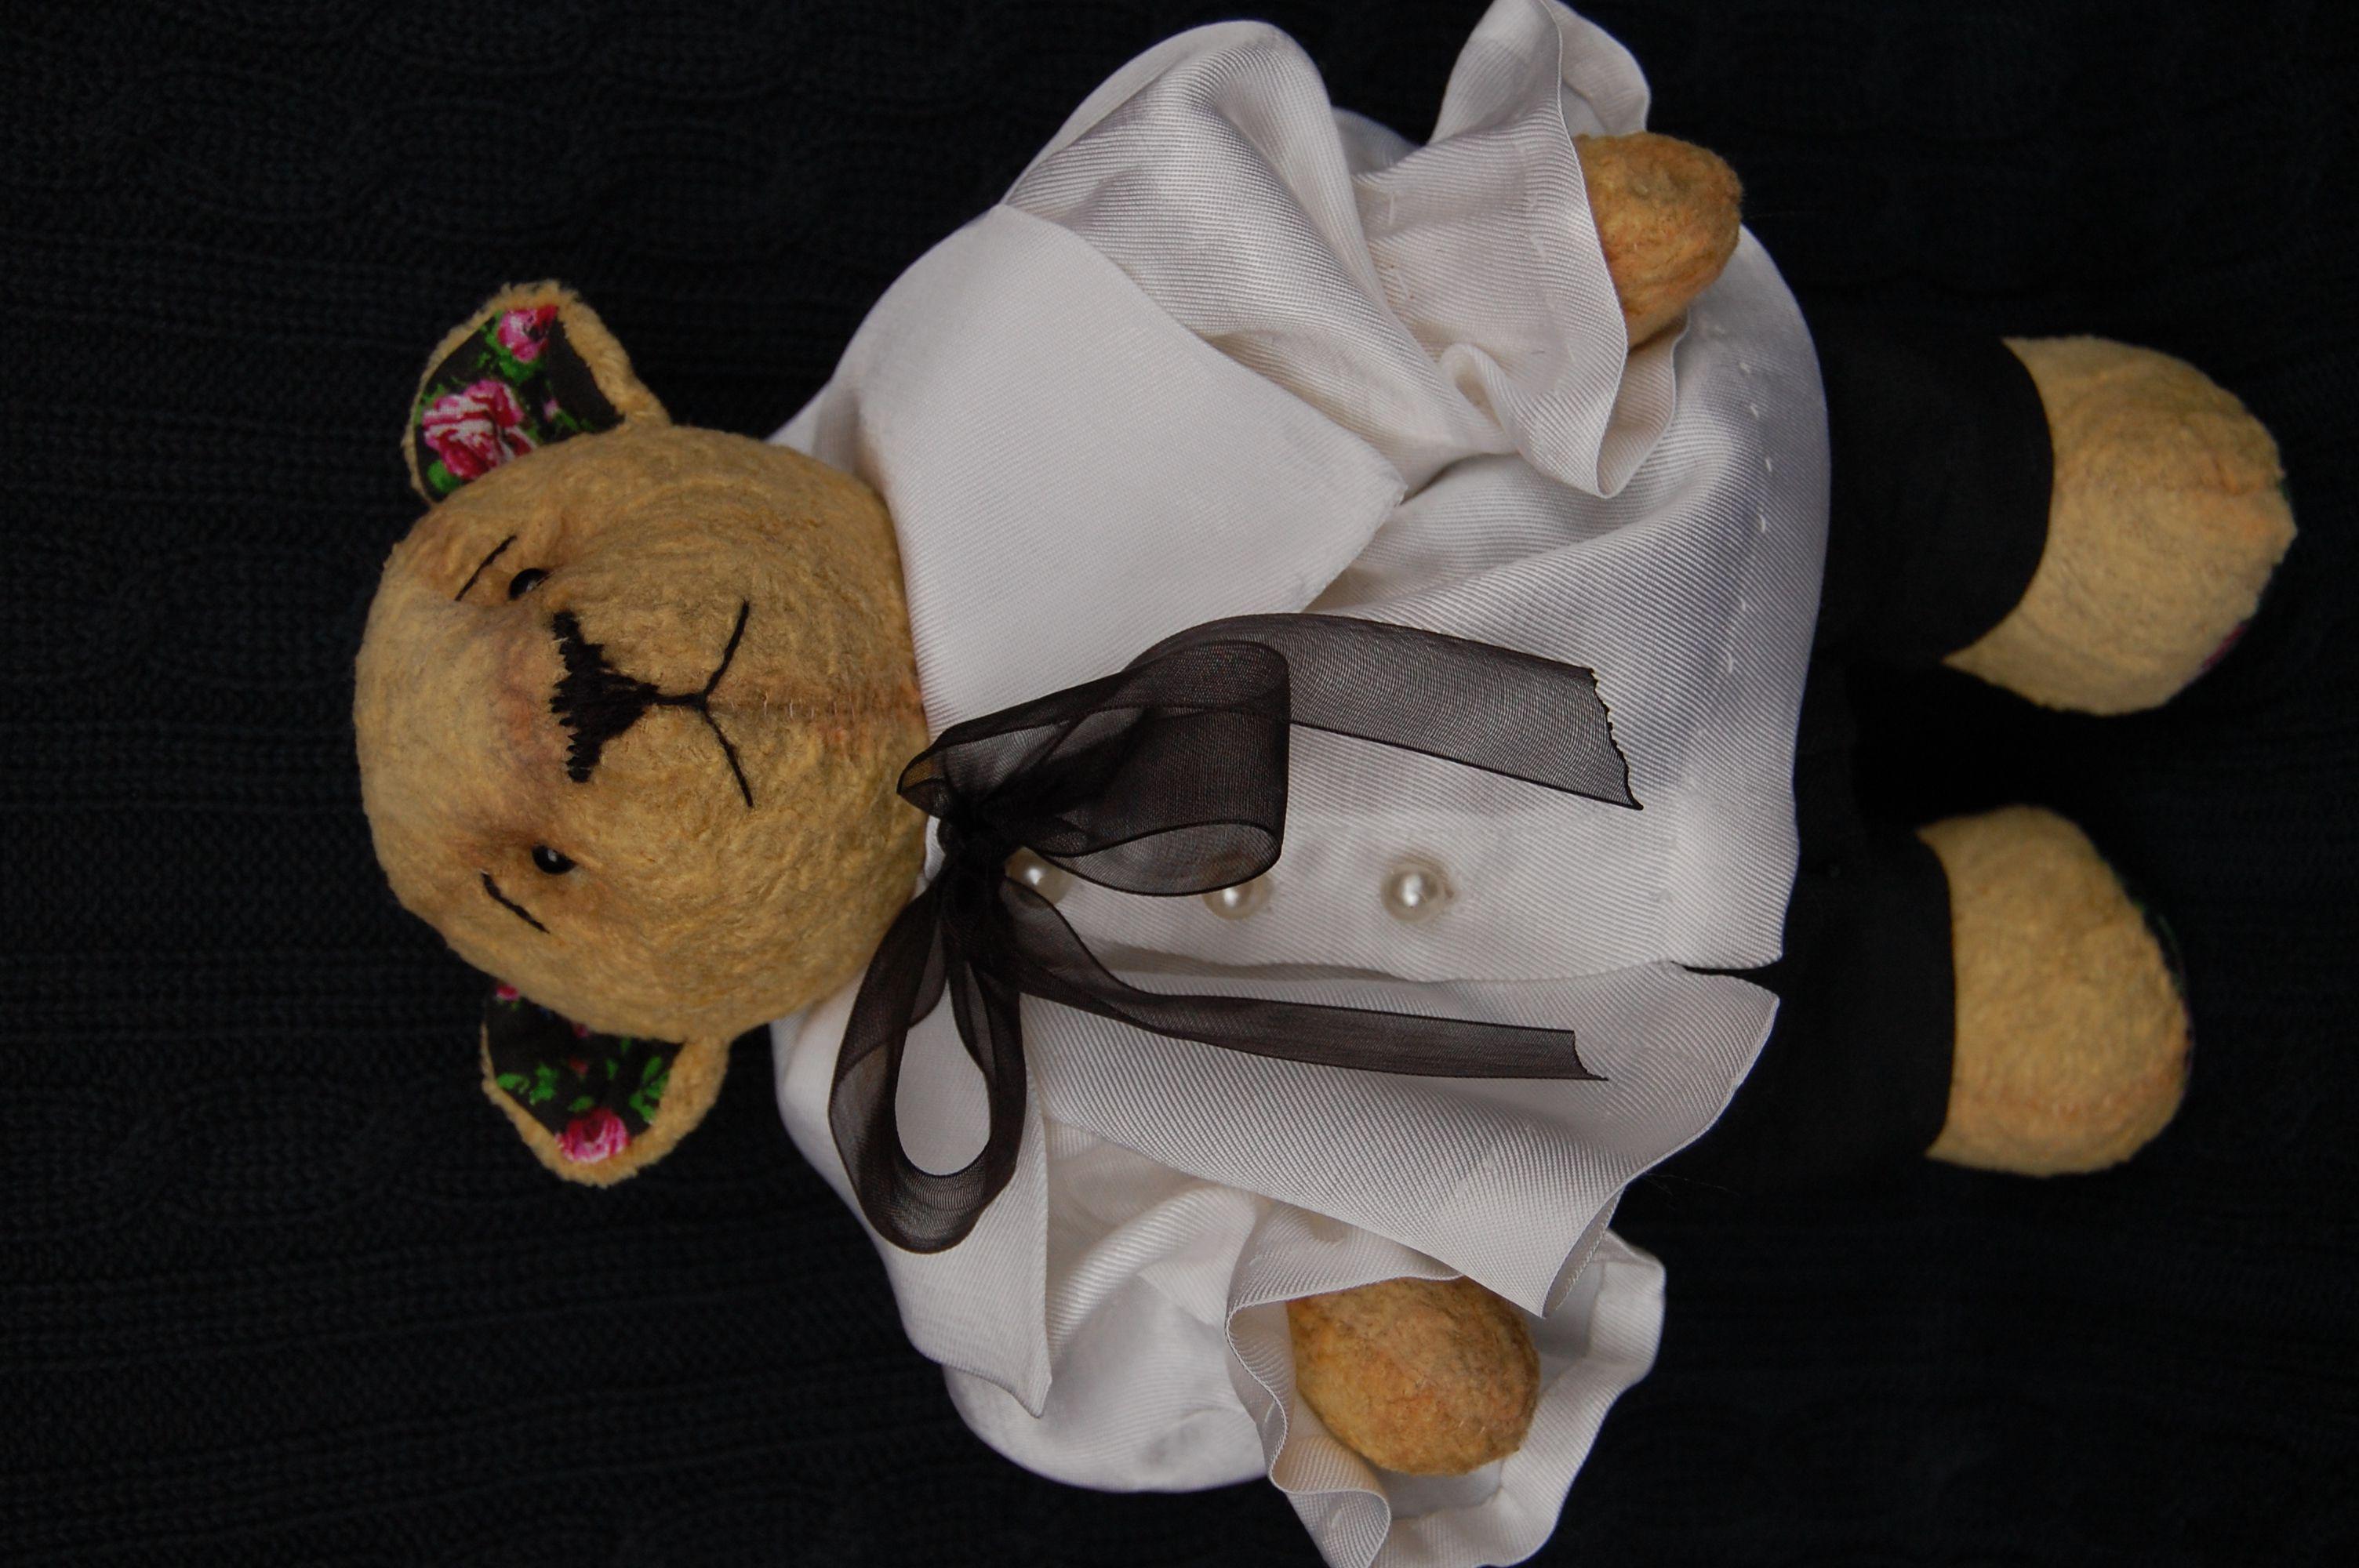 ретро игрушка мишка тедди ручная работа стиль подарок